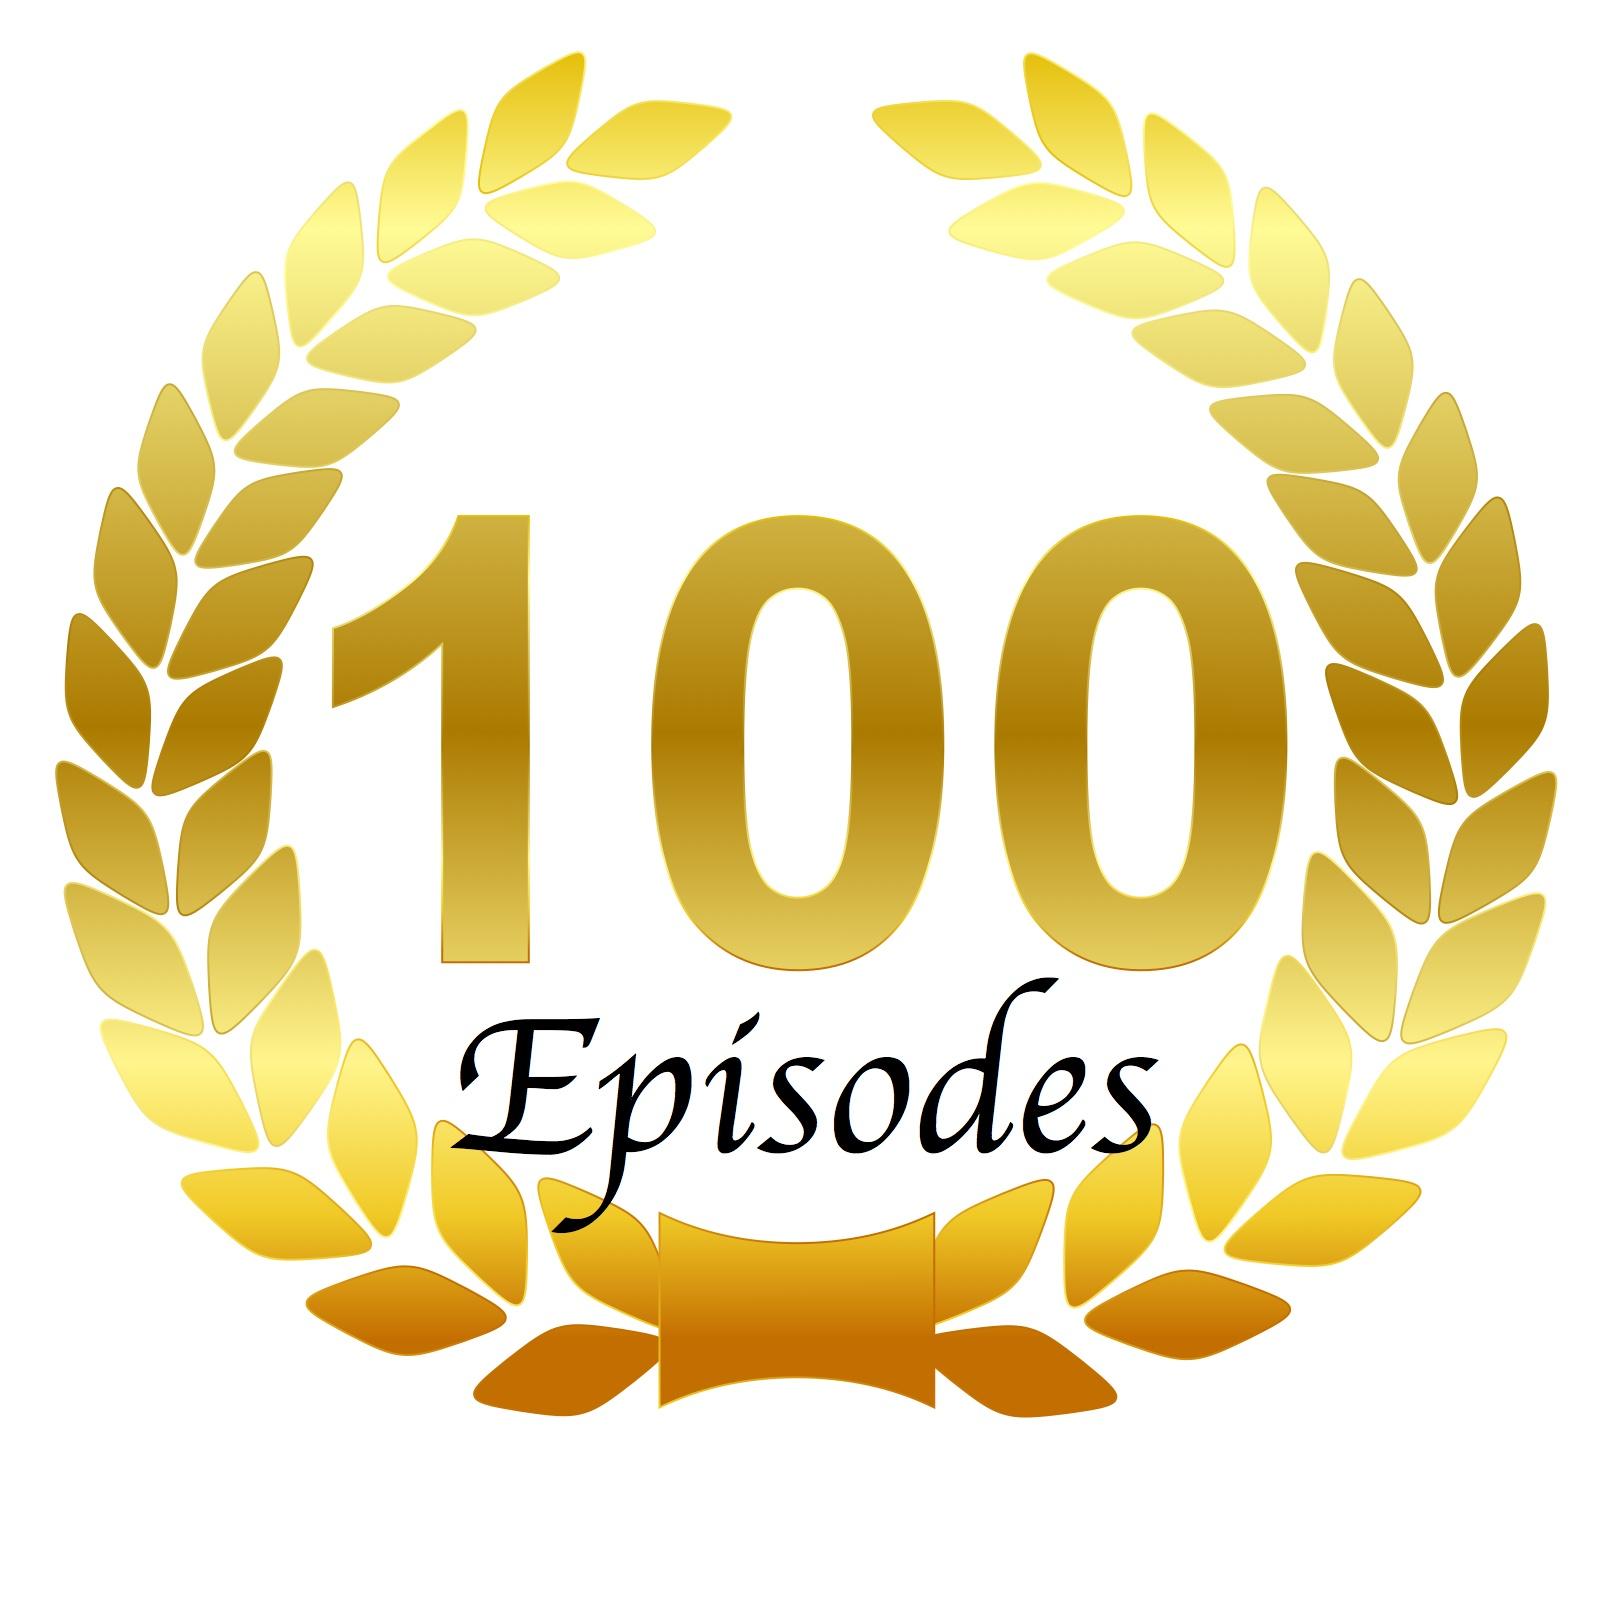 laurel wreath - 100 Episodes.jpg